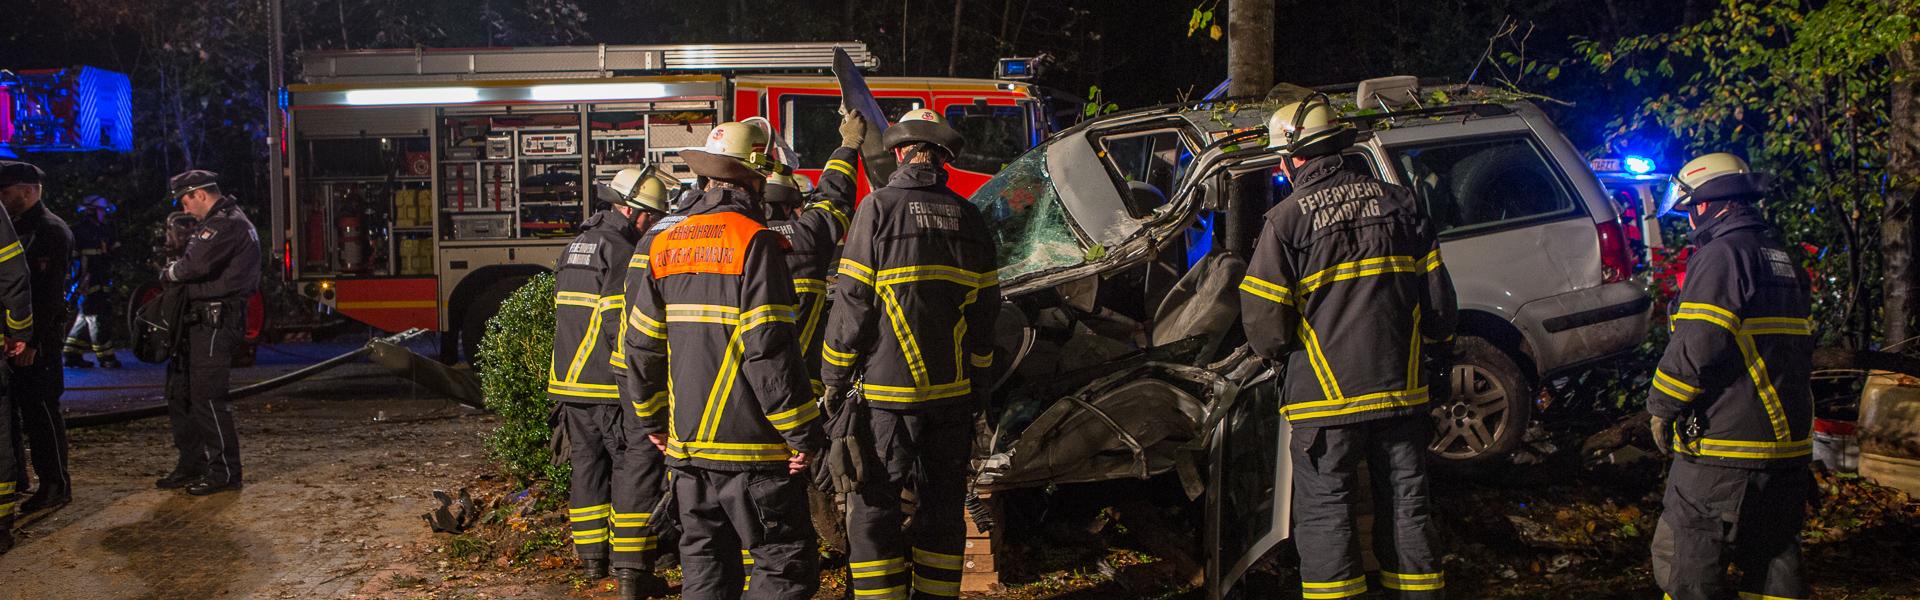 22.10.2017 – Schwerer Unfall auf der Bergstedter Chaussee